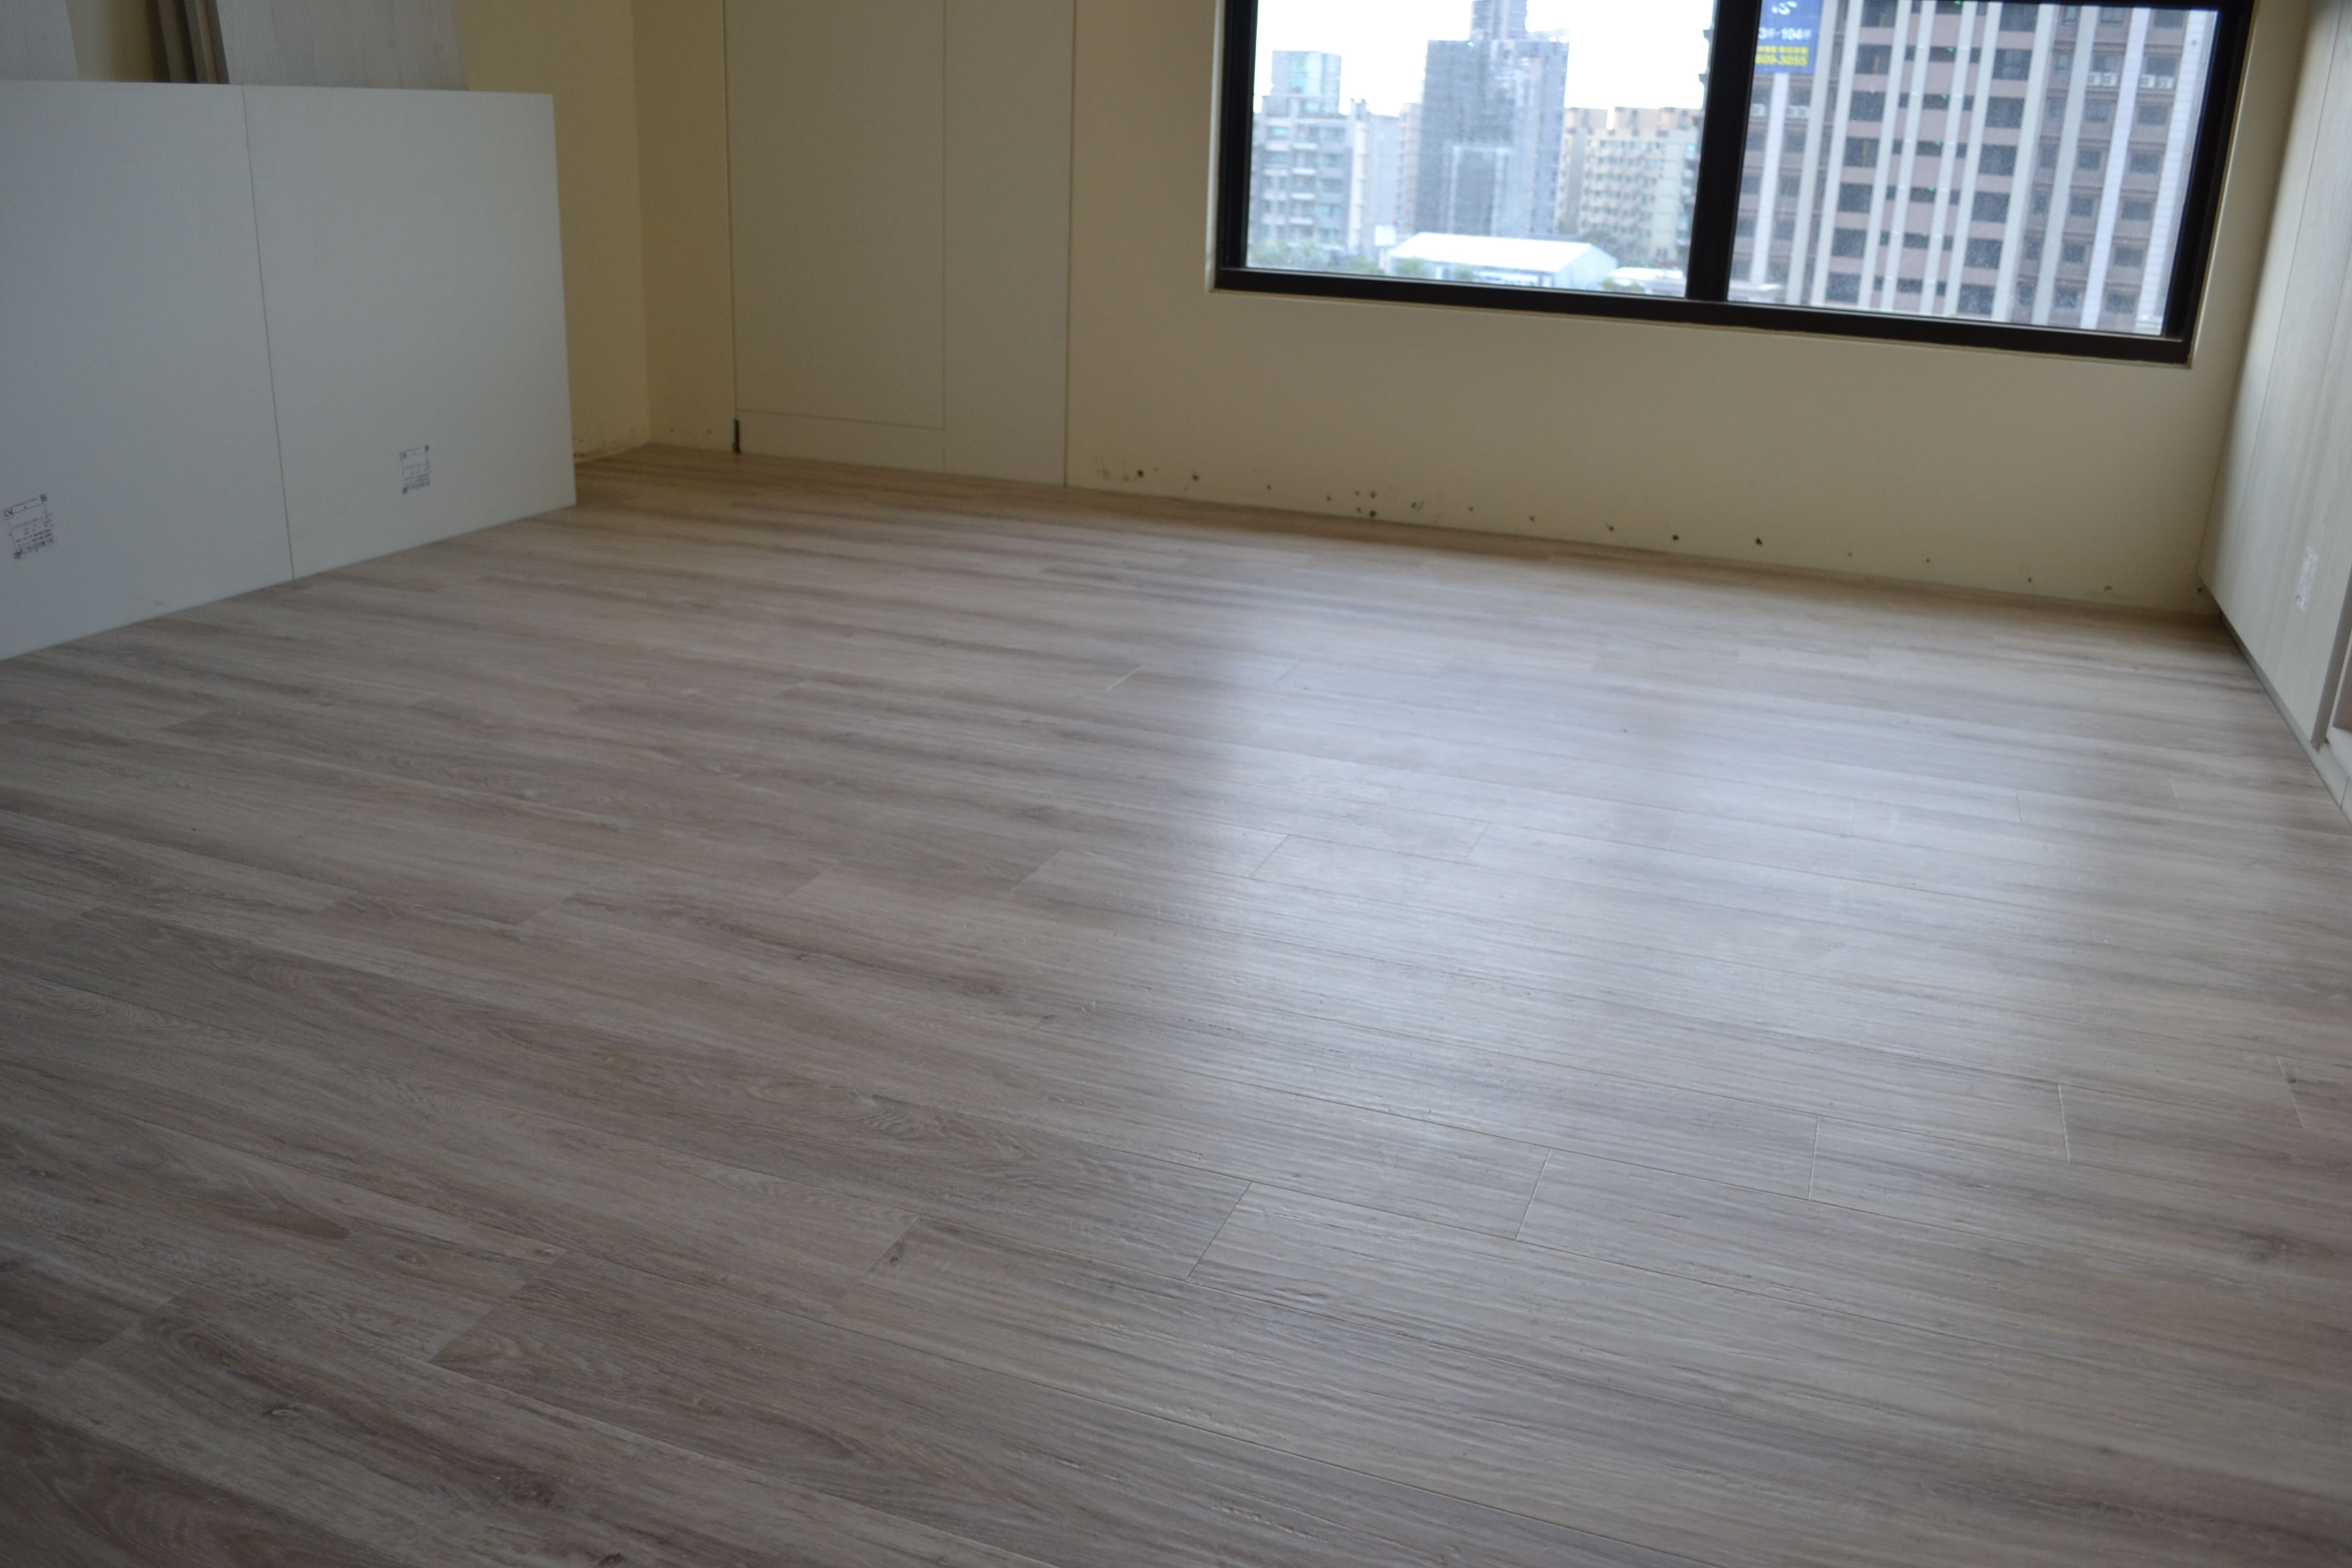 MeiJer WPC高密度木塑鎖扣超耐磨地板 6201 白色橡木 Oak Royal White Limed